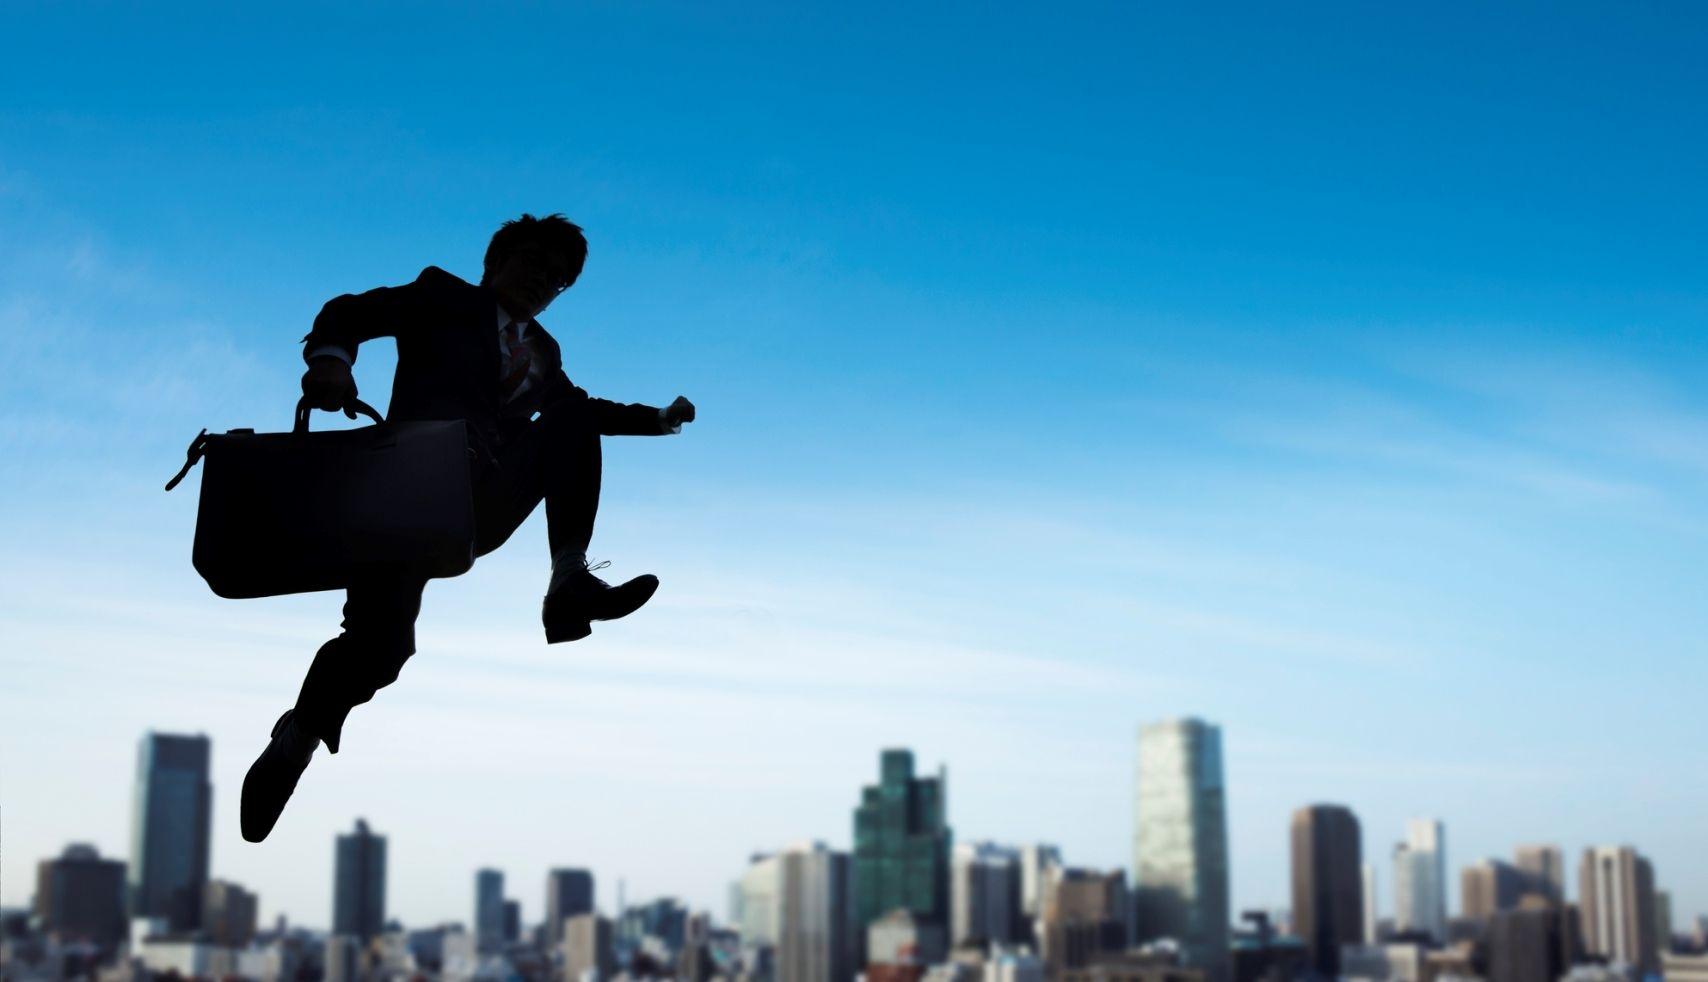 仕事が速い人がやっている「スゴ技」ベスト3 | リーダーシップ・教養・資格・スキル